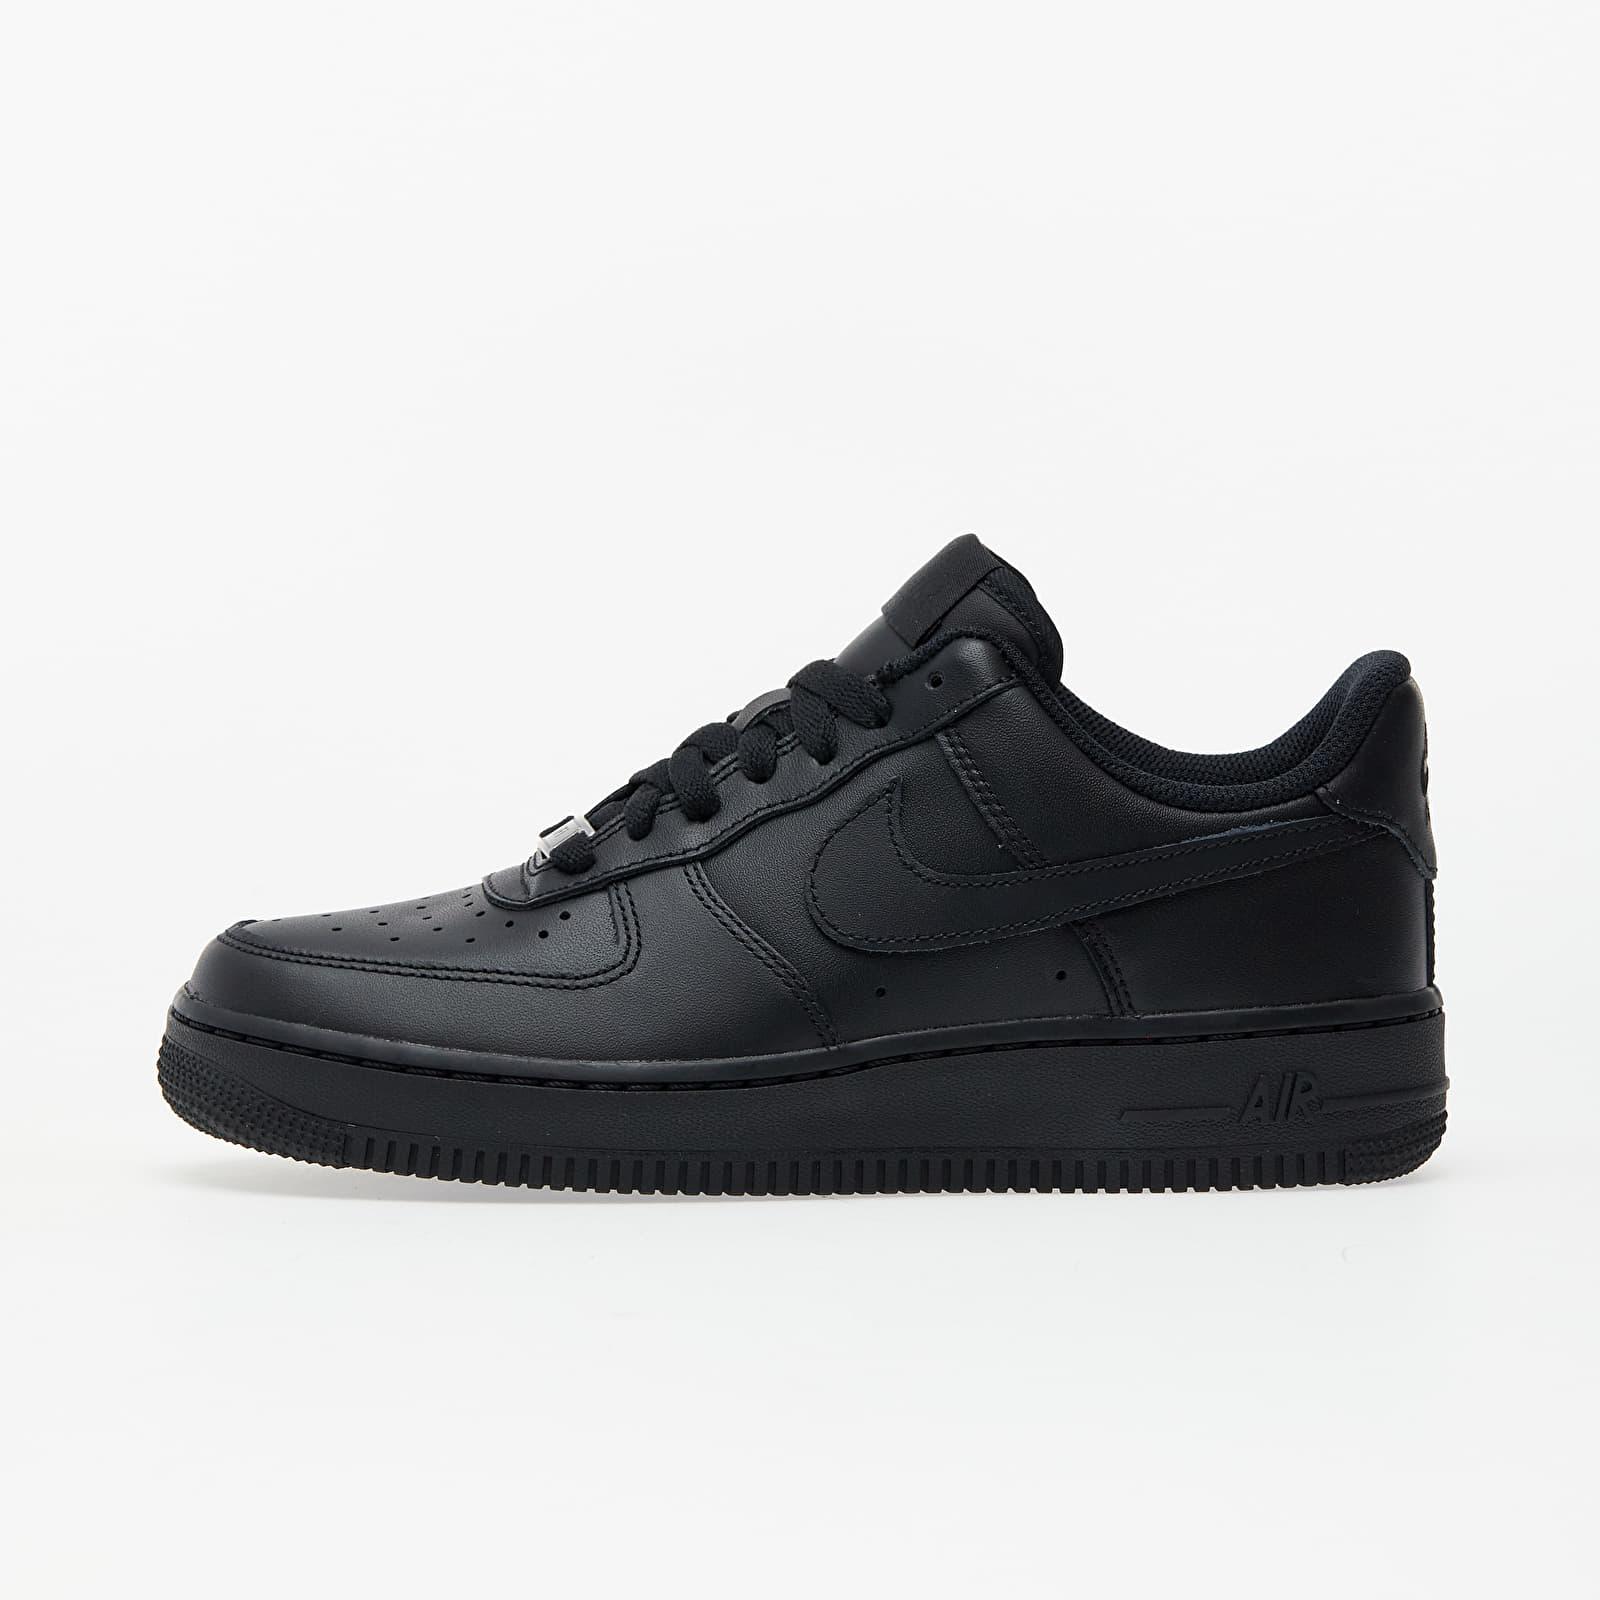 Дамски кецове и обувки Nike Wmns Air Force 1 '07 Black/ Black